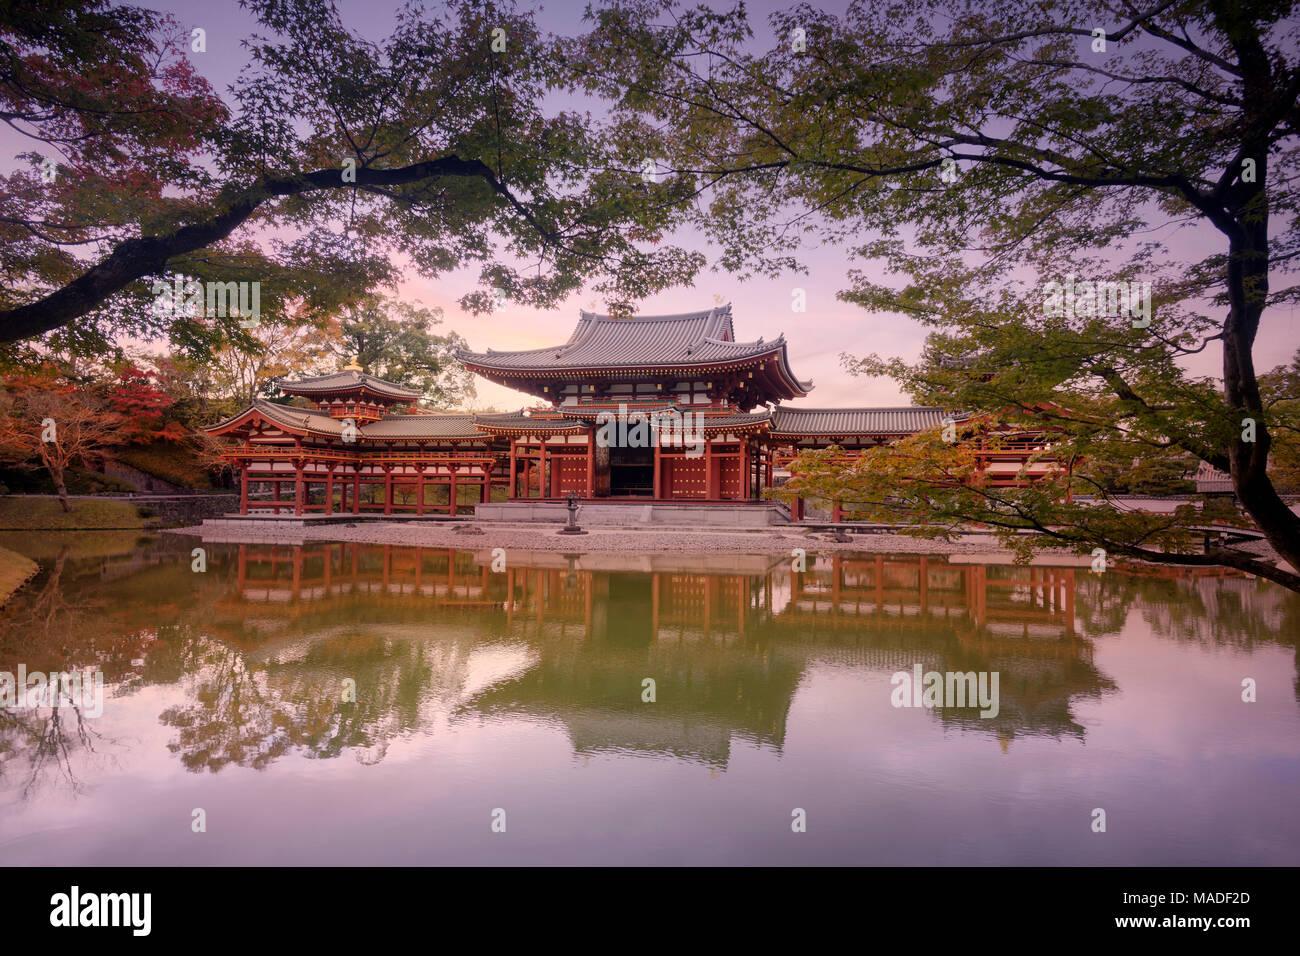 Phoenix Hall, Hoodo o Amida Hall, de Byodo-in, Jodo-shiki jardín con estanque en un hermoso amanecer surrealista otoño paisaje enmarcado por arce japonés t Foto de stock